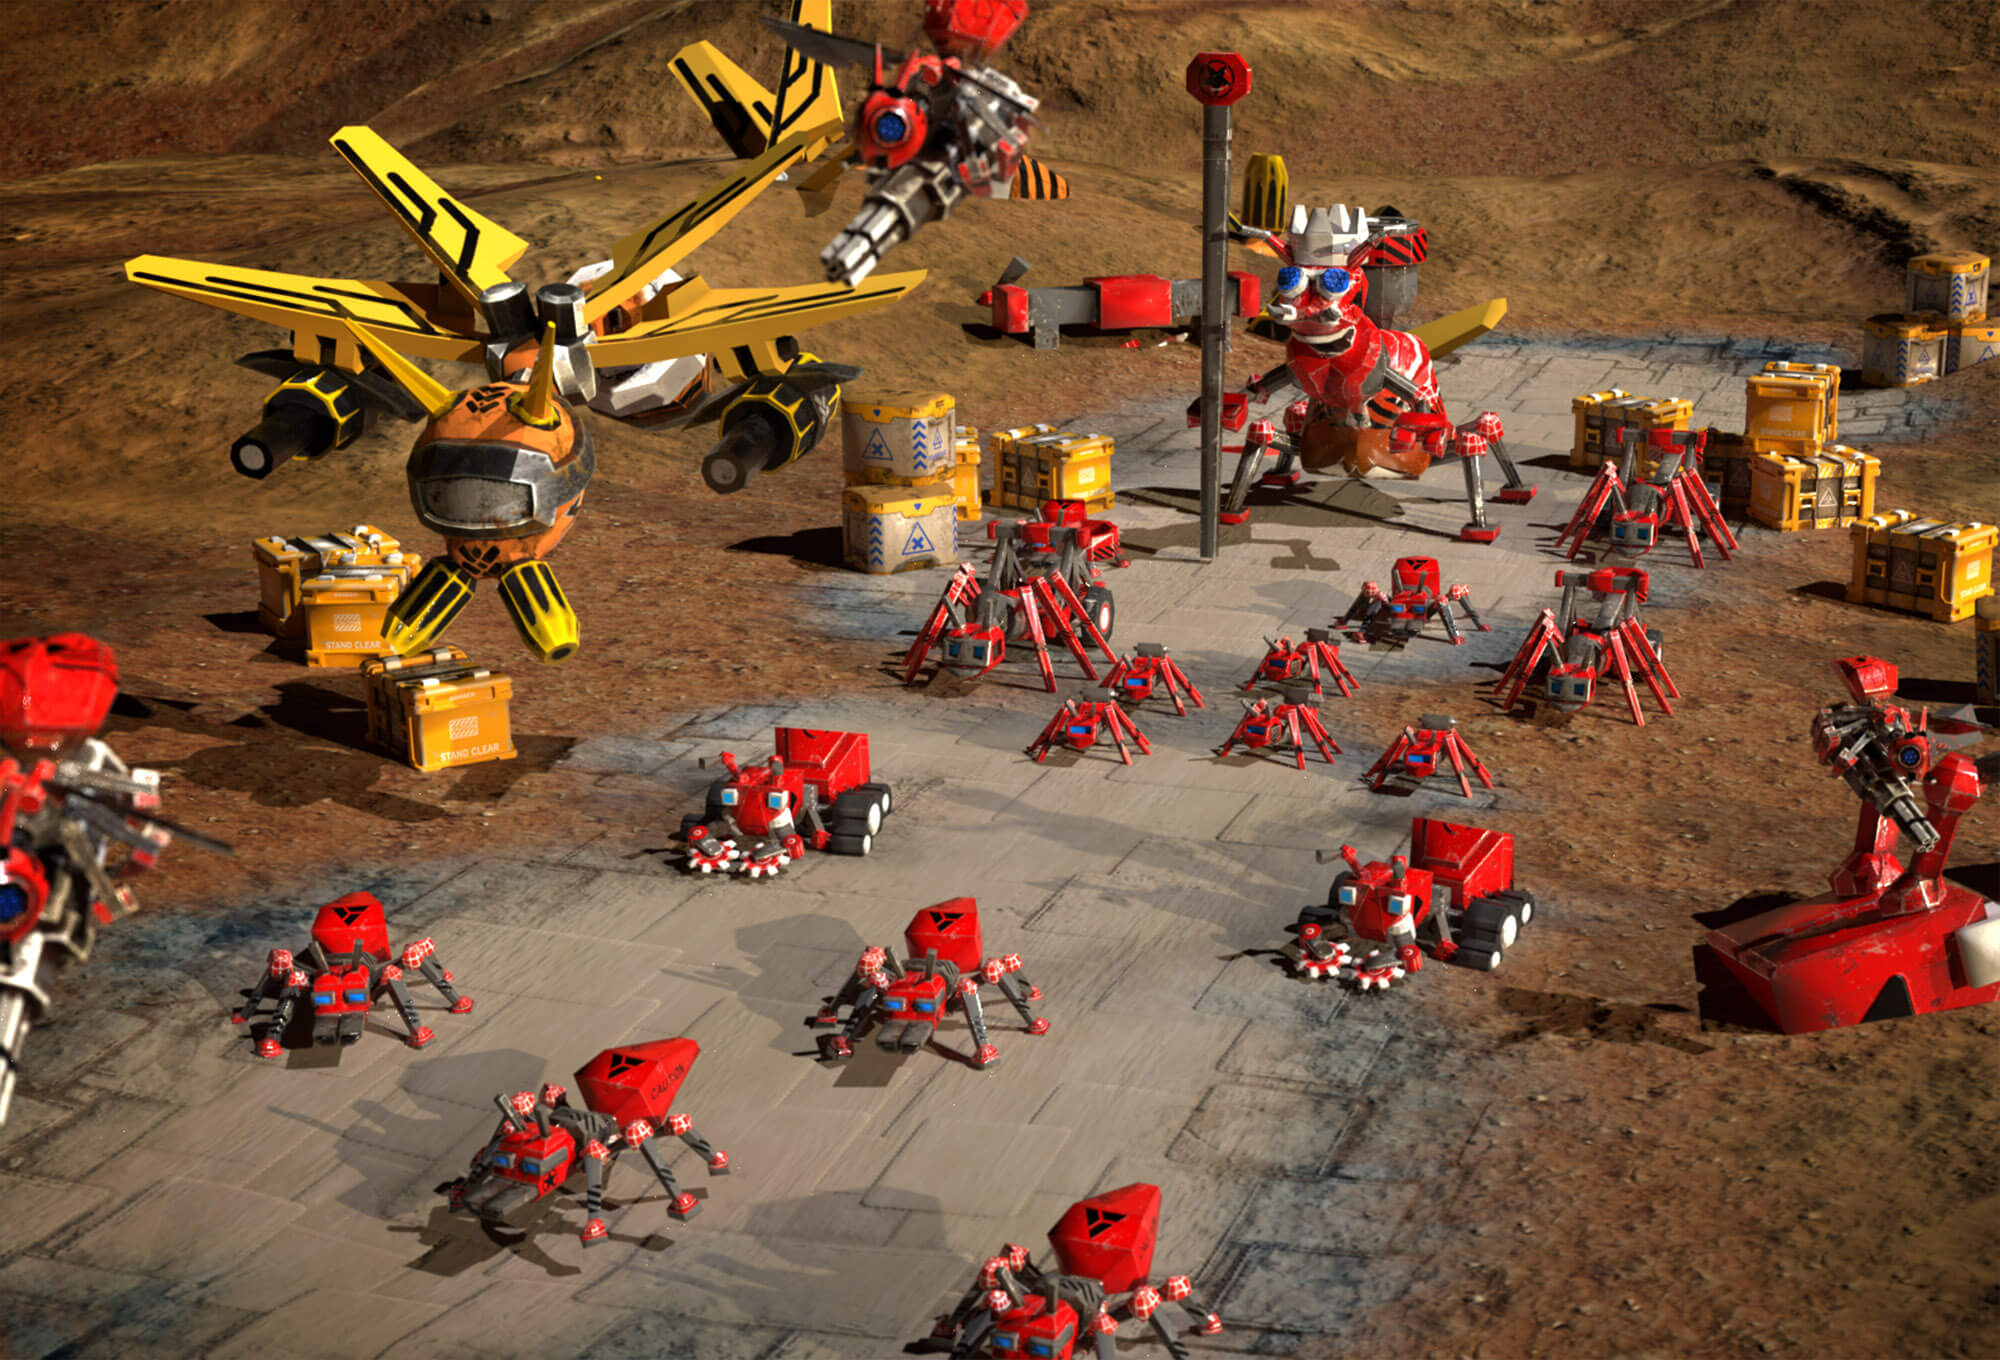 War of Ants